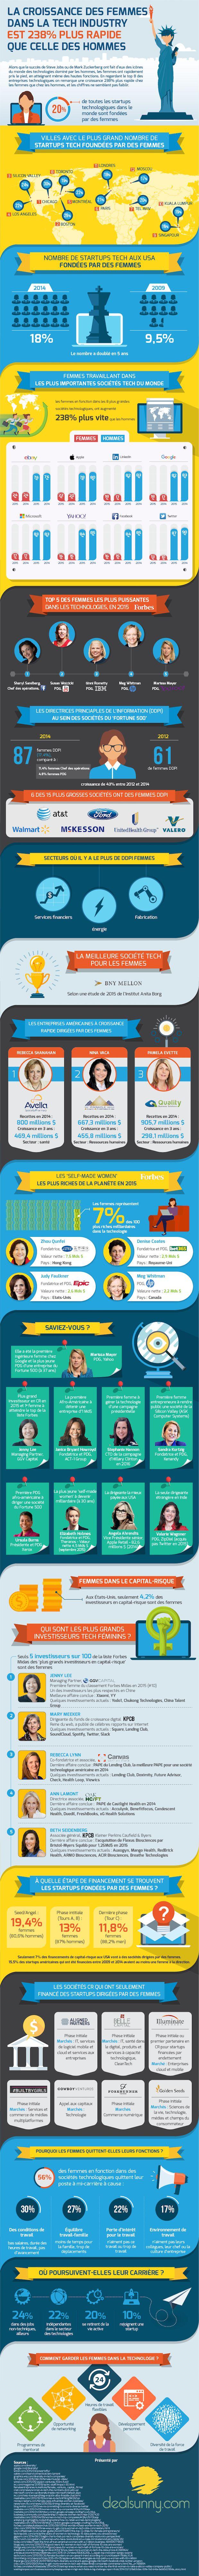 Women-in-Tech... Votre CDO pourrait bien être une Femme. Habiletés fortes à concilier les aspects techniques et humains attendues.